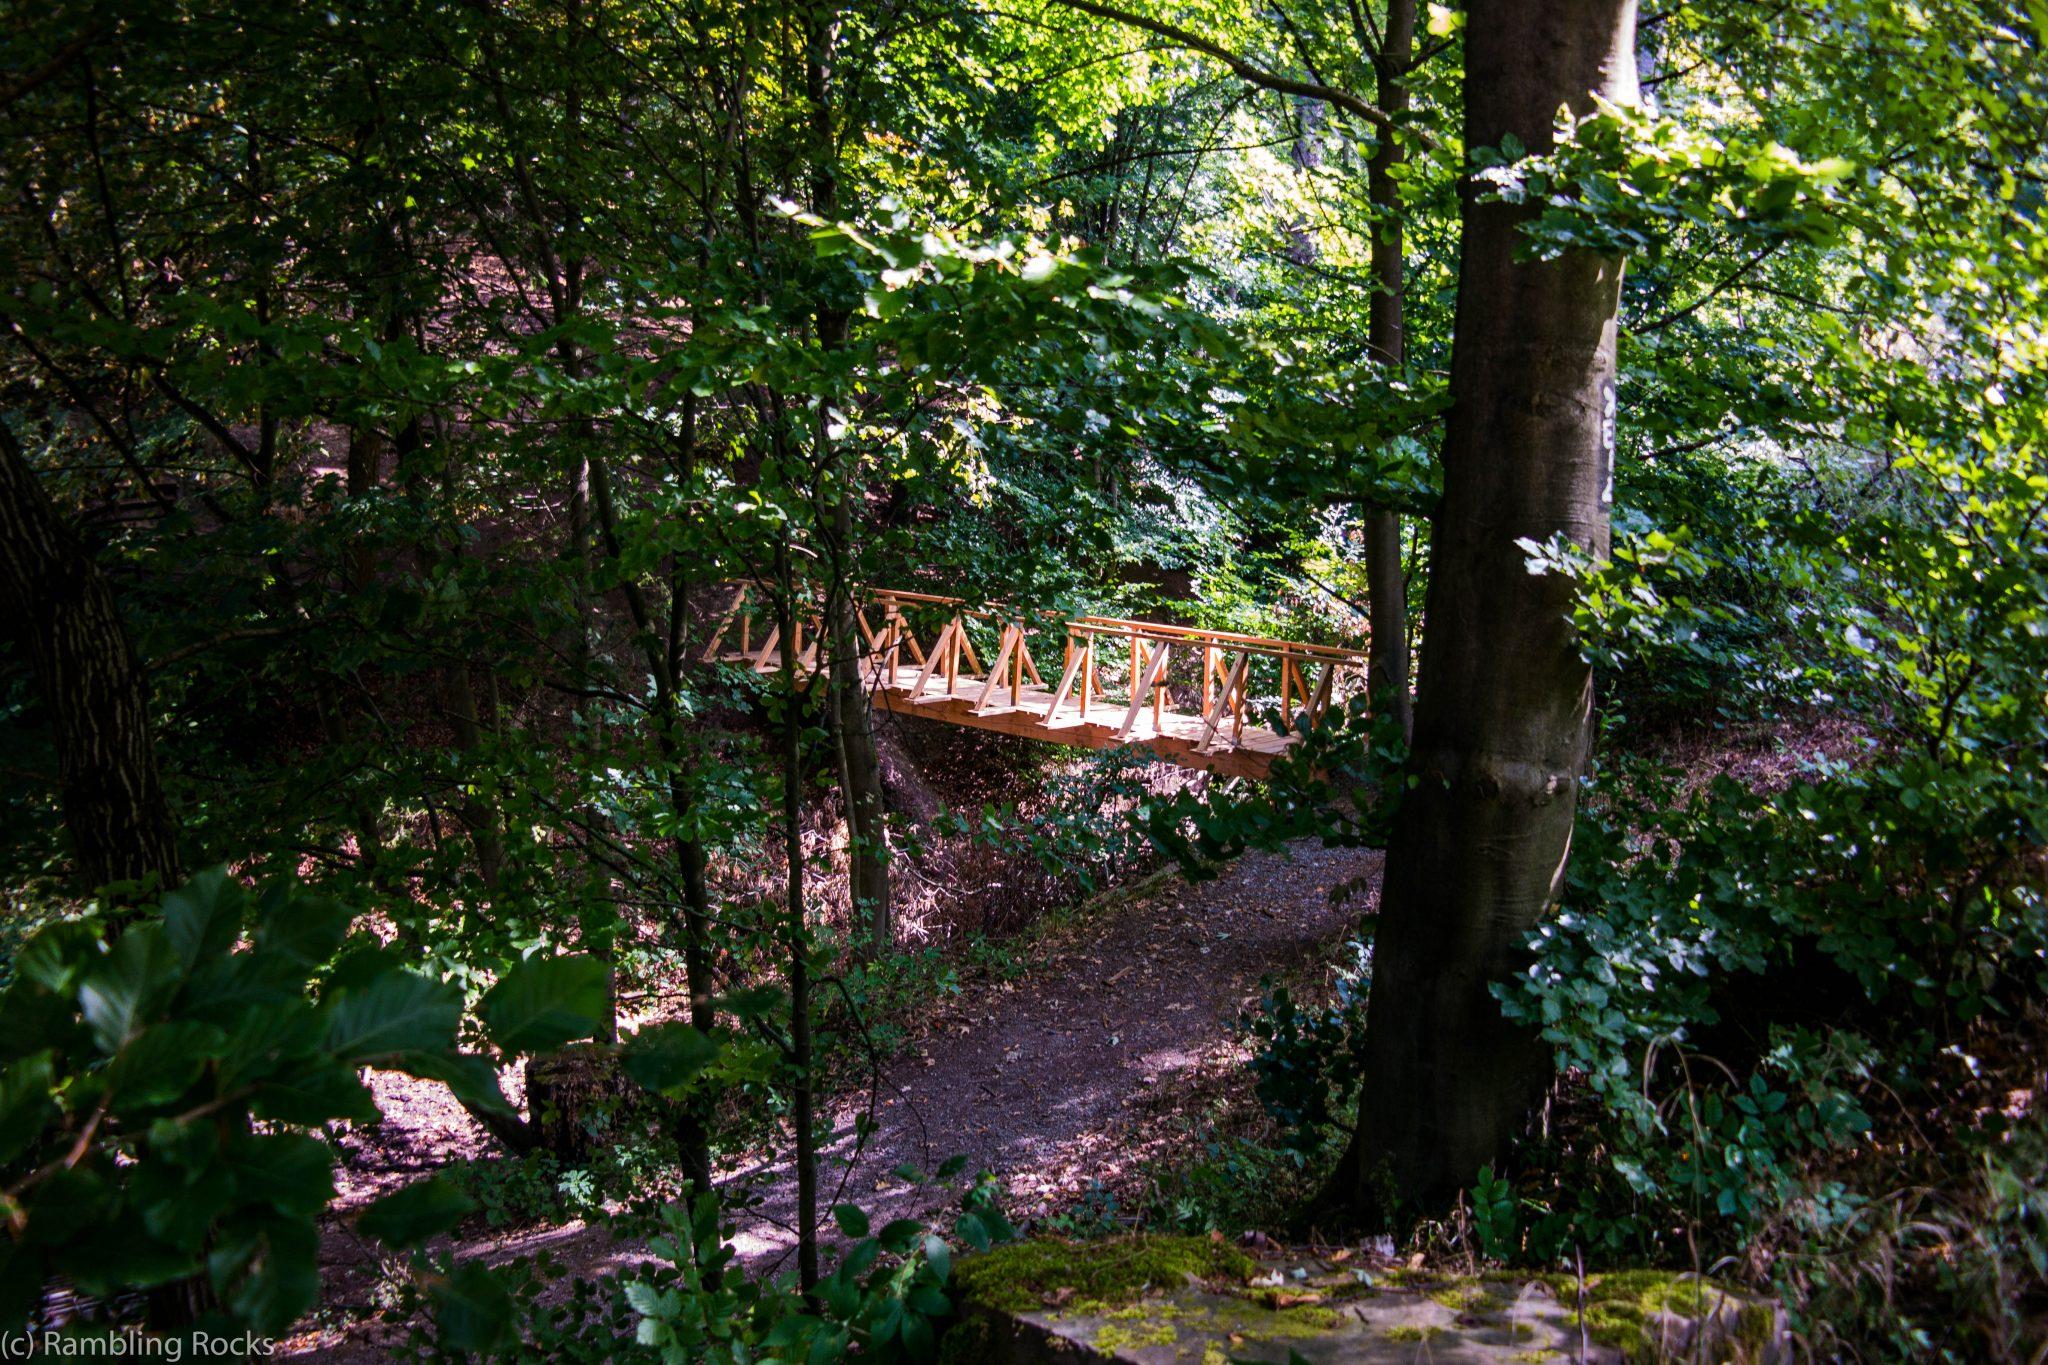 Teufelsbrücke Deister